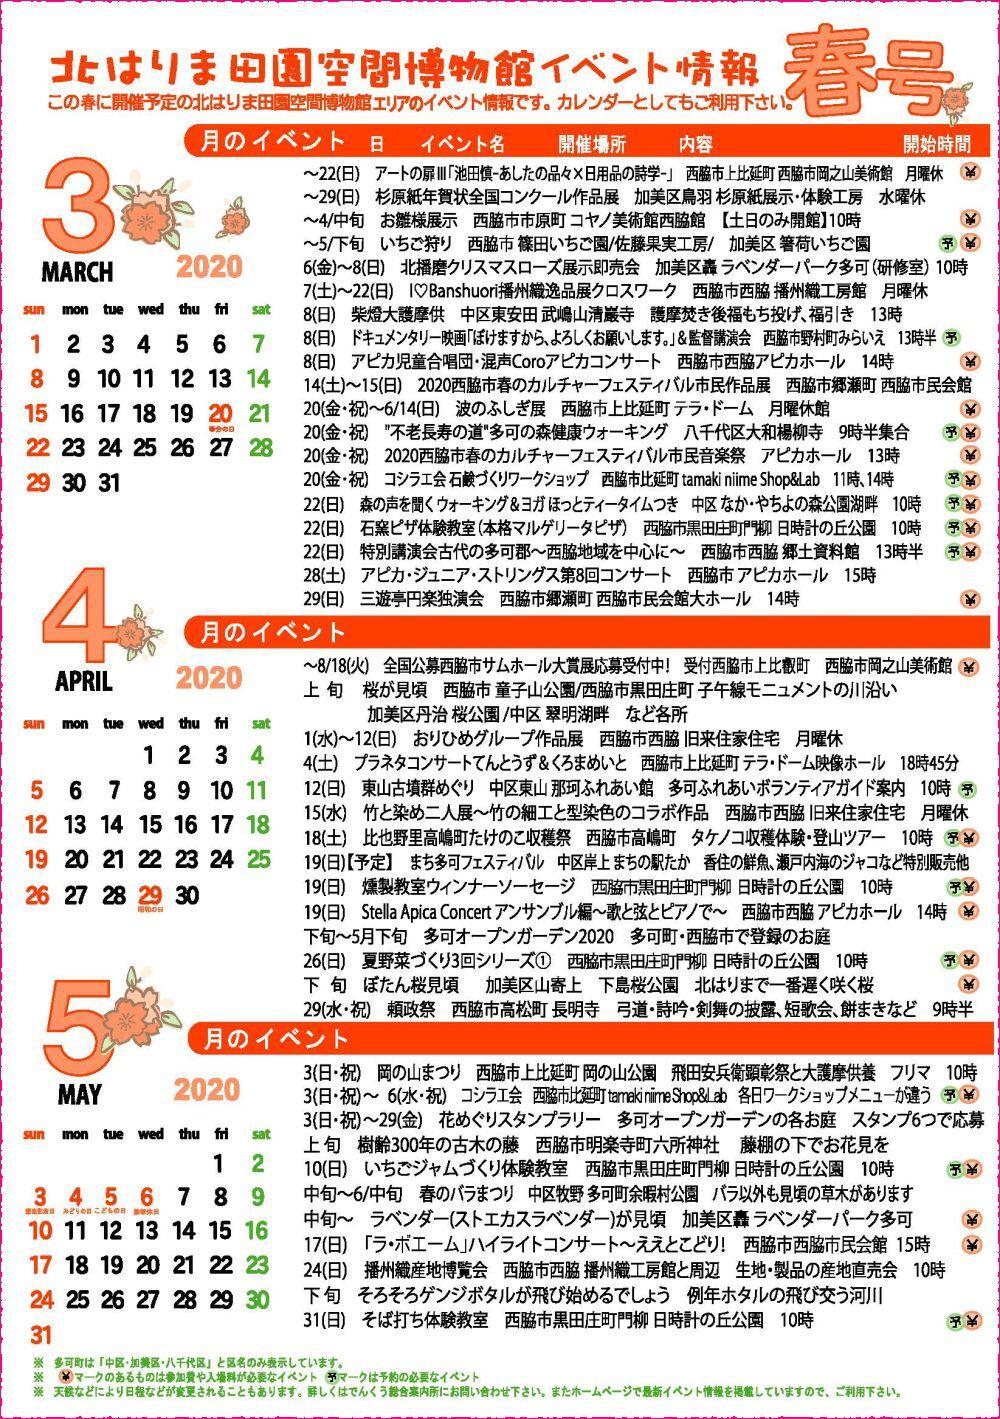 春の見てみてガイド&イベントカレンダー